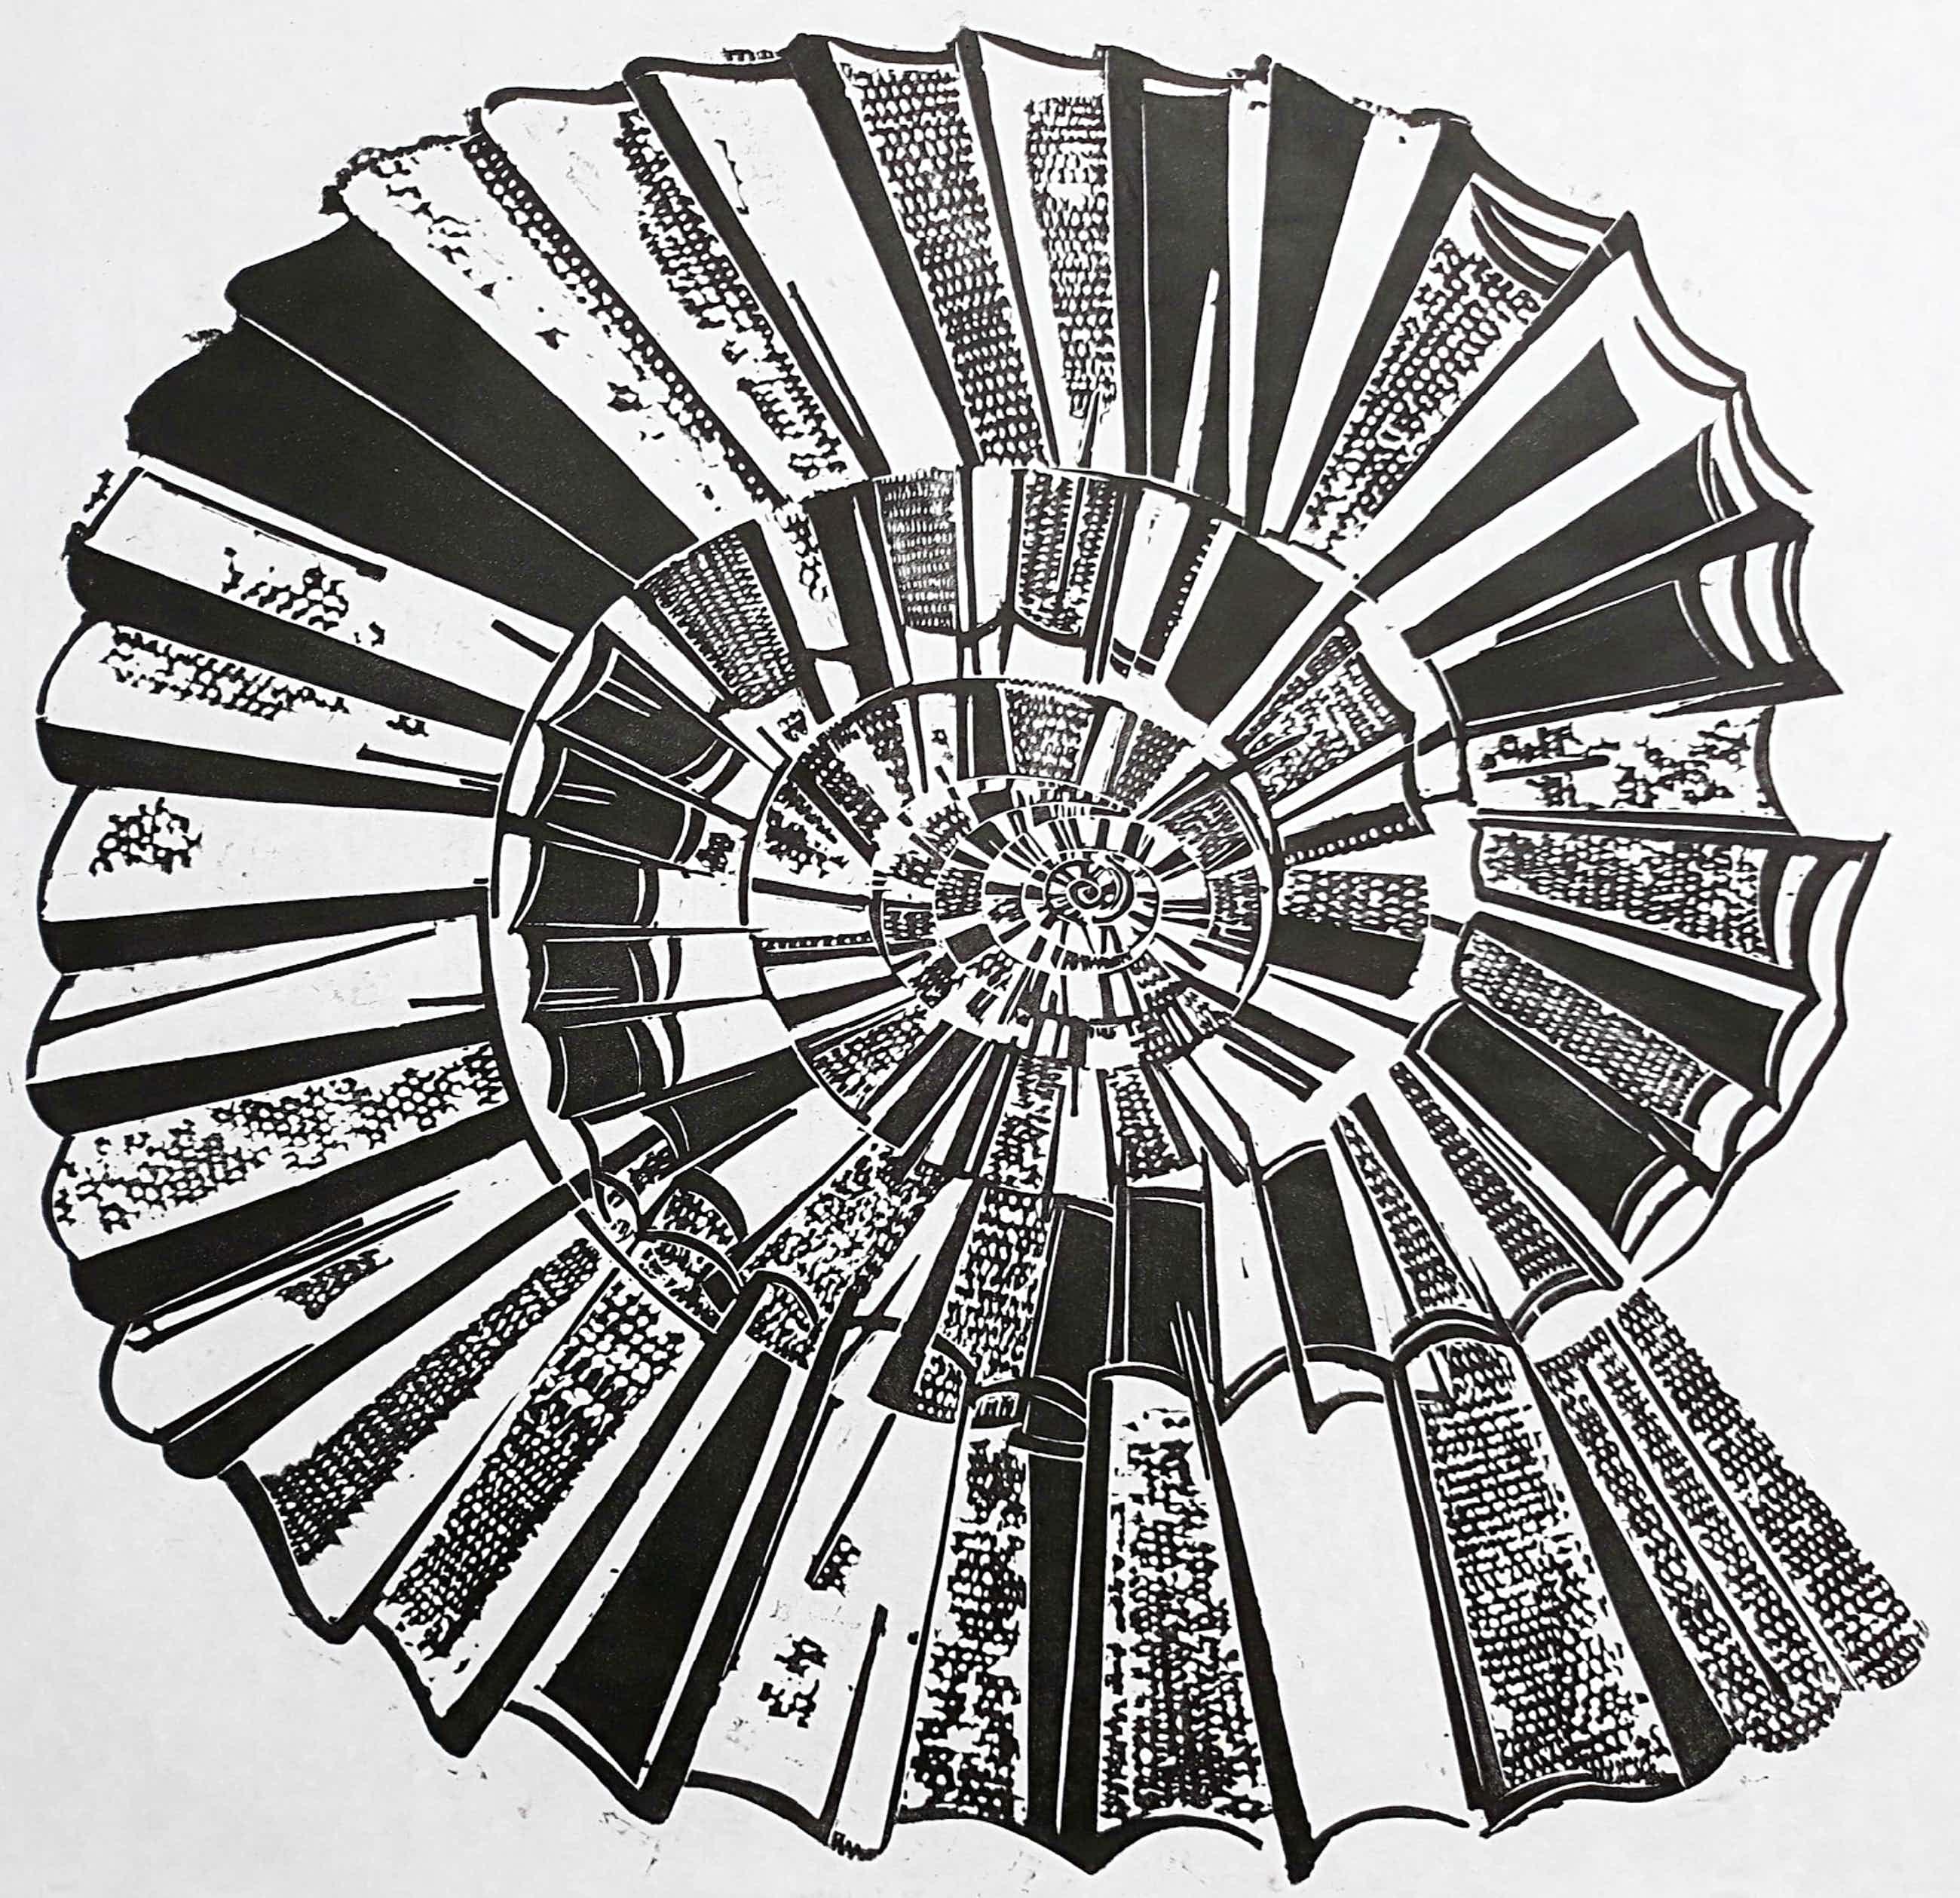 Eduard Flor - Ammoniet, linoleumsnede op rijstpapier kopen? Bied vanaf 55!